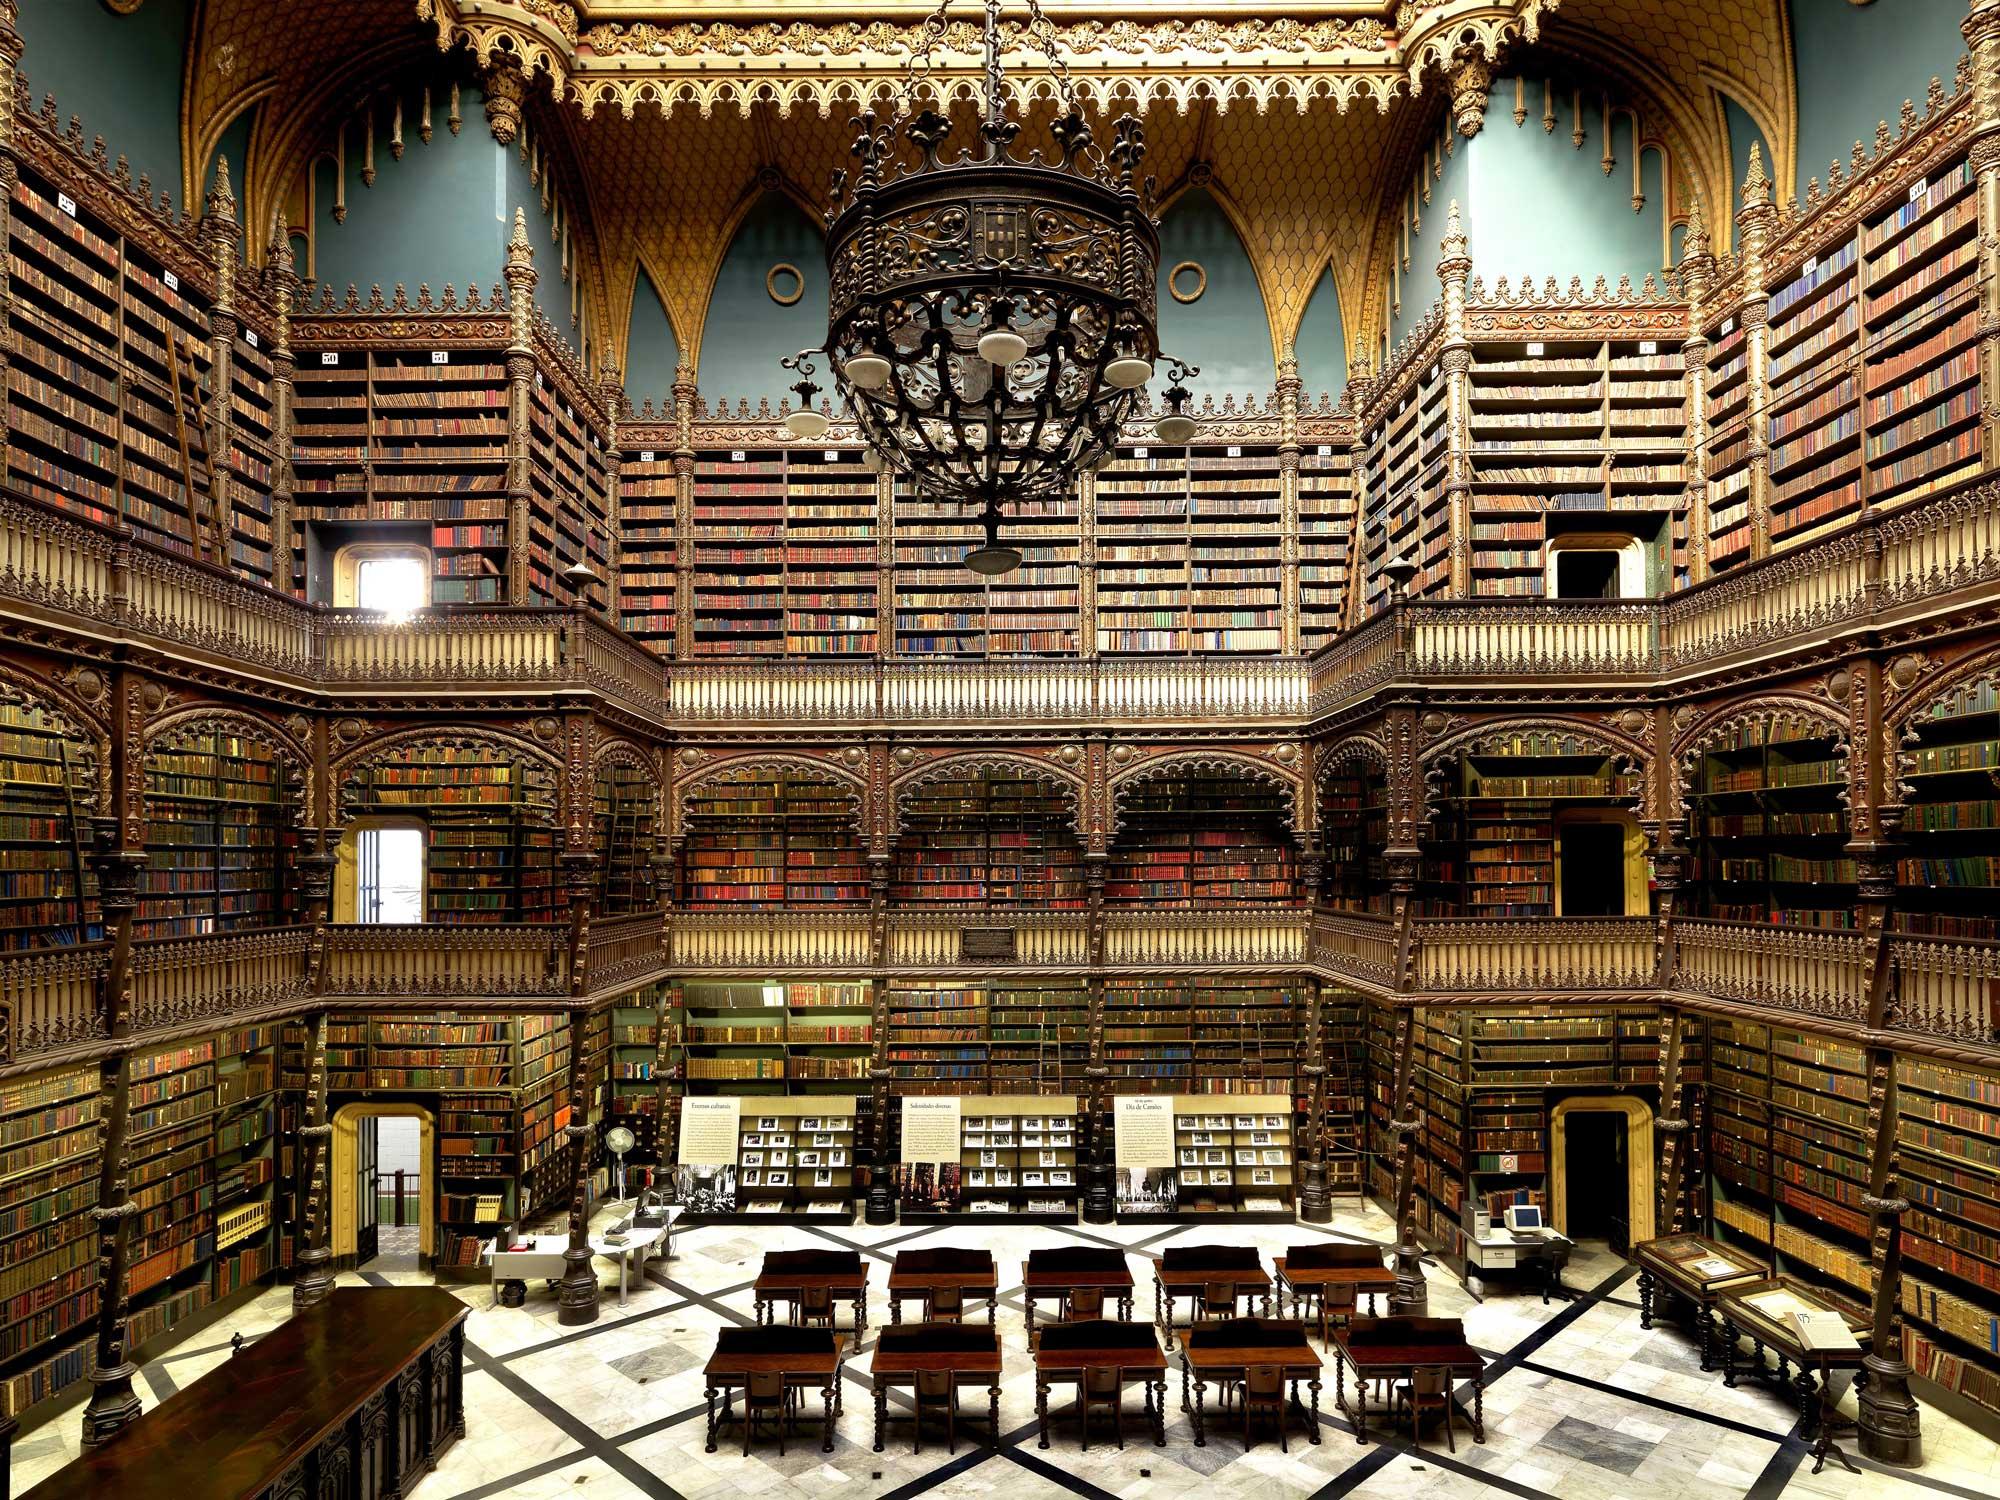 Biblioteca Real Gabinete de Leitura Rio De Janeiro BRASILE 0016 EN.jpg #966D35 2000x1500